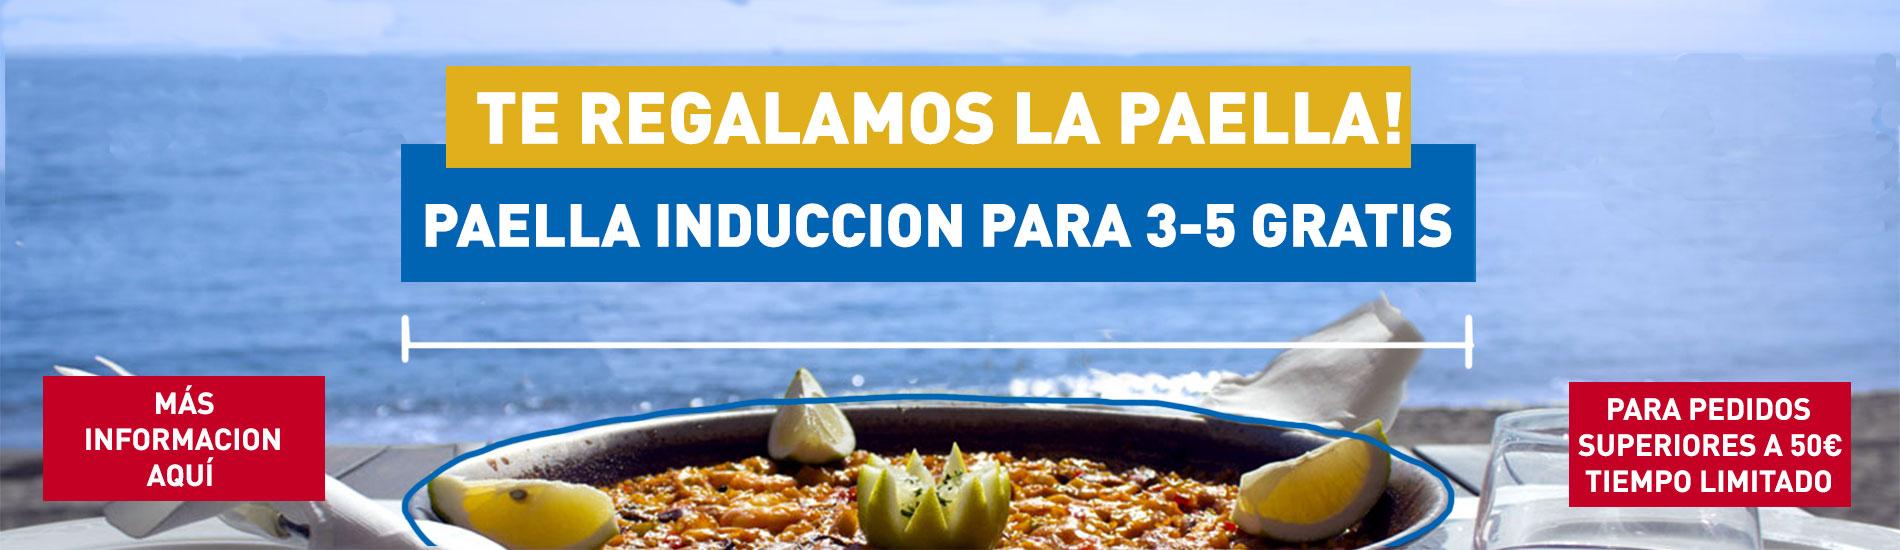 solo la tienda mas grandes de paellas o paelleras y paelleros te puede regalar una paella especial induccion de 32 cm o 3-5 personas gratis